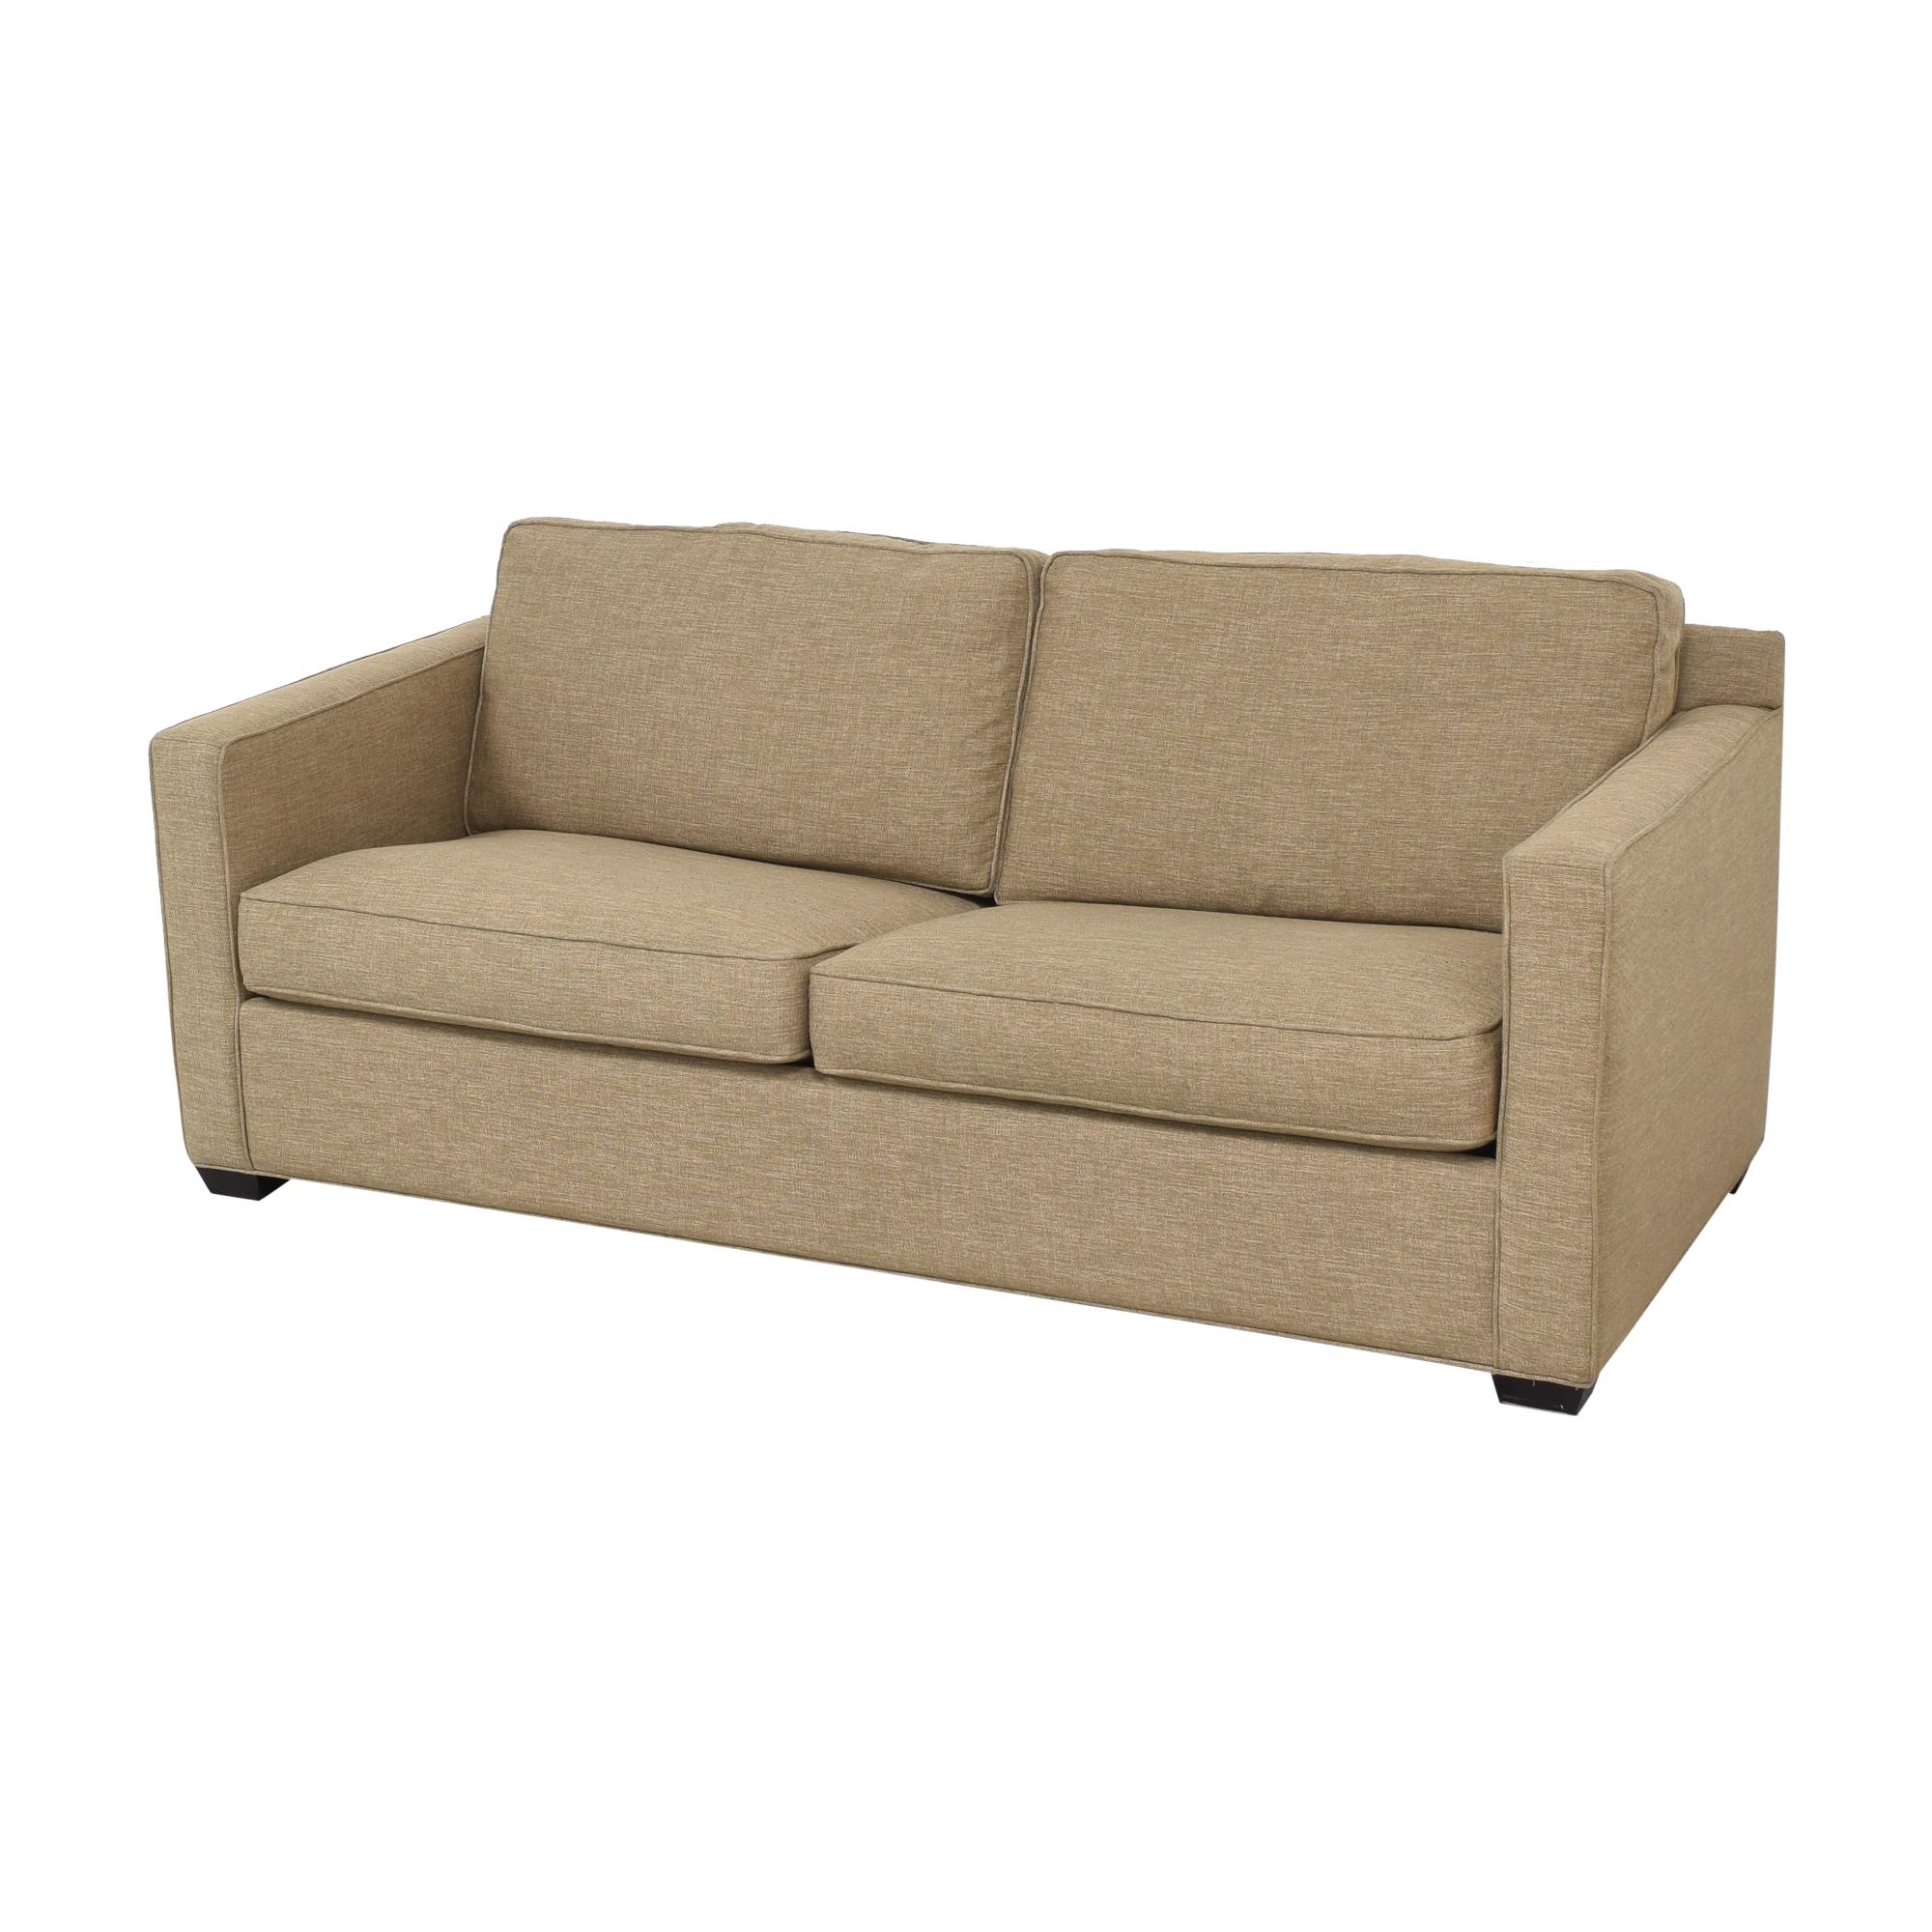 Crate & Barrel Crate & Barrel Axis II 2-Seat Queen Sleeper Sofa coupon